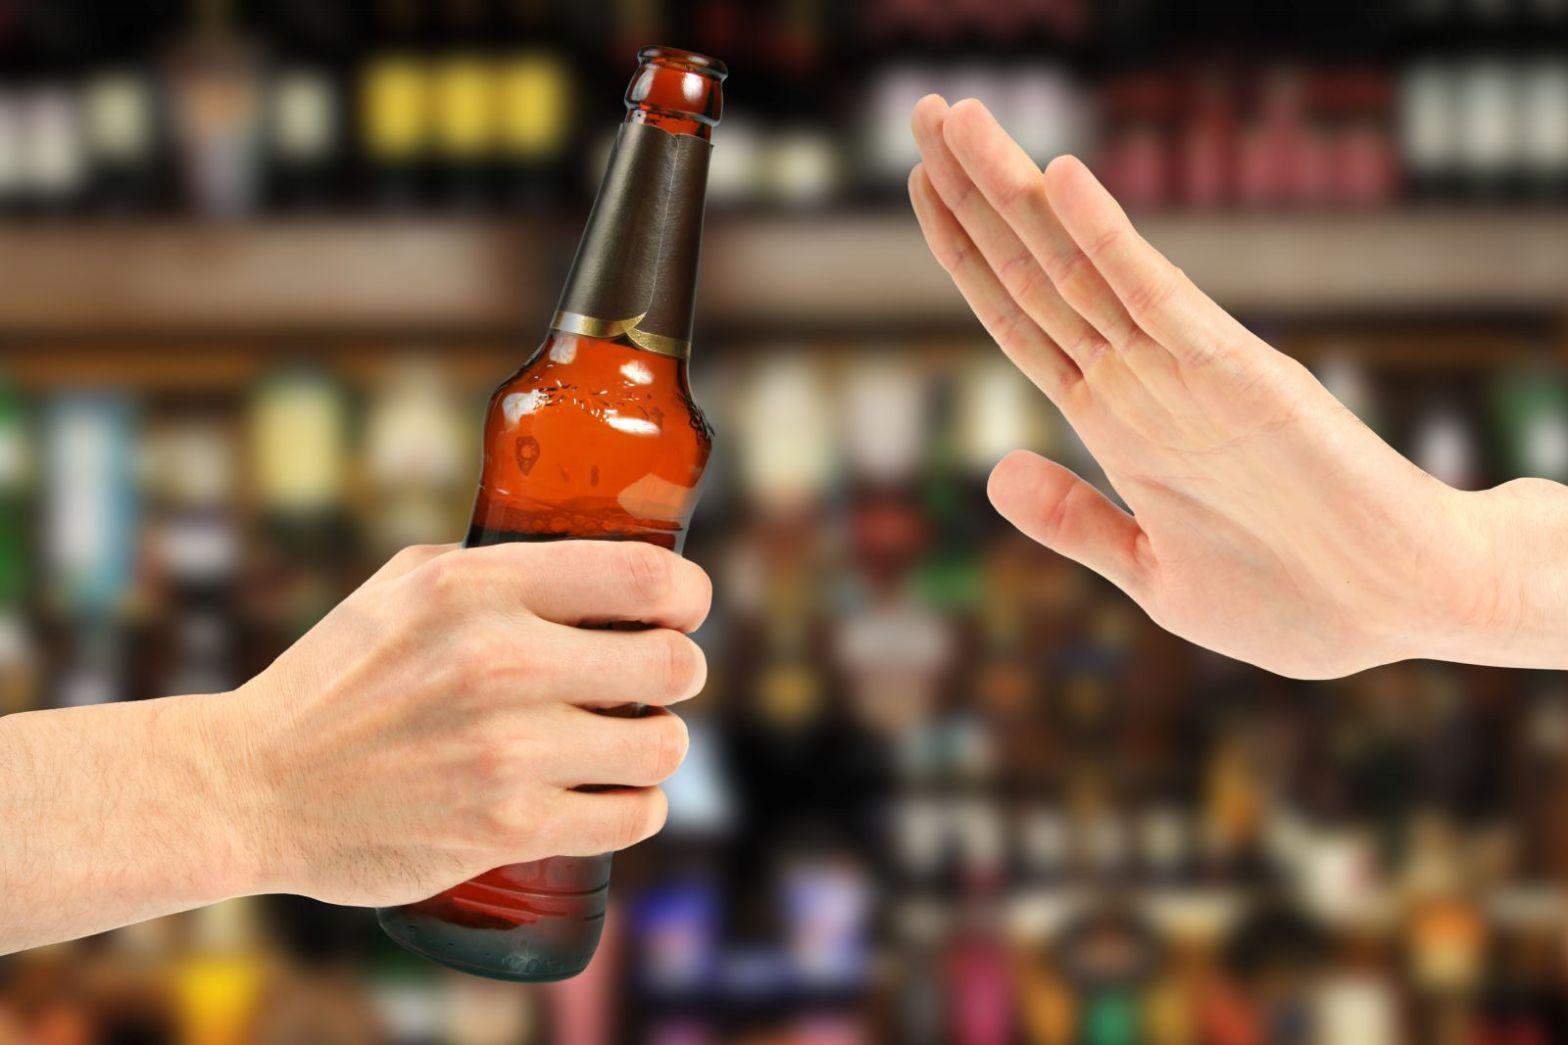 Alkol ve içki içmek ile ilgili anlamlı ve güzel sözler